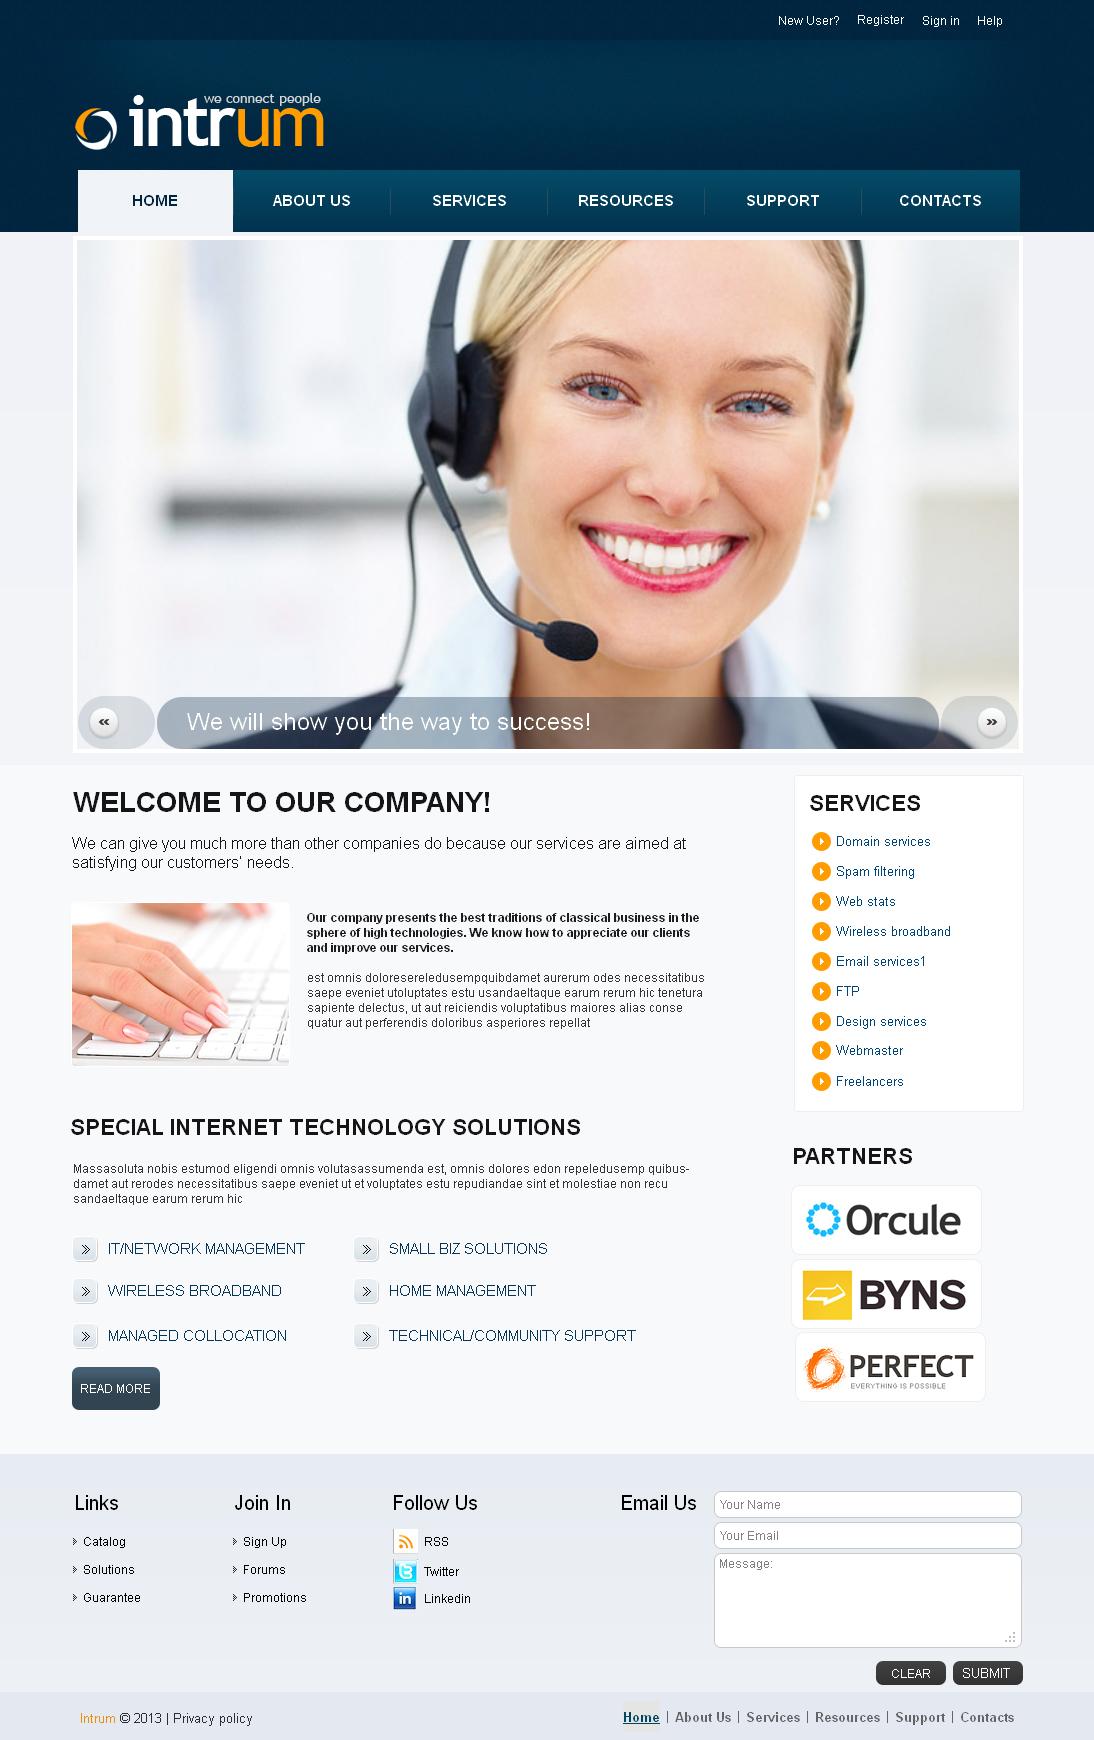 Modèle Moto CMS HTML Premium pour site de communications #42456